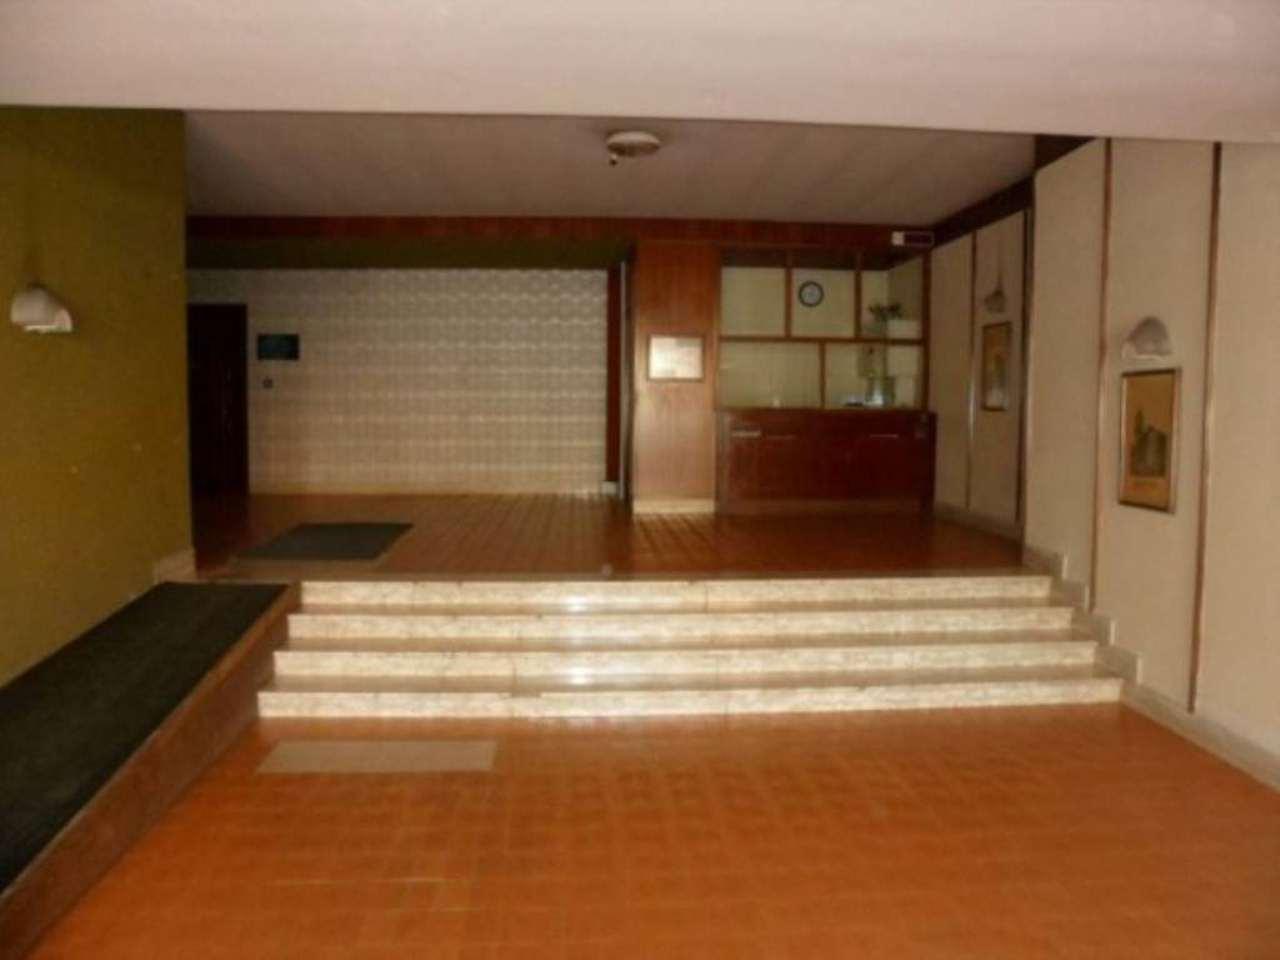 Appartamento benevento vendita 200 mq for Appartamento di efficienza seminterrato